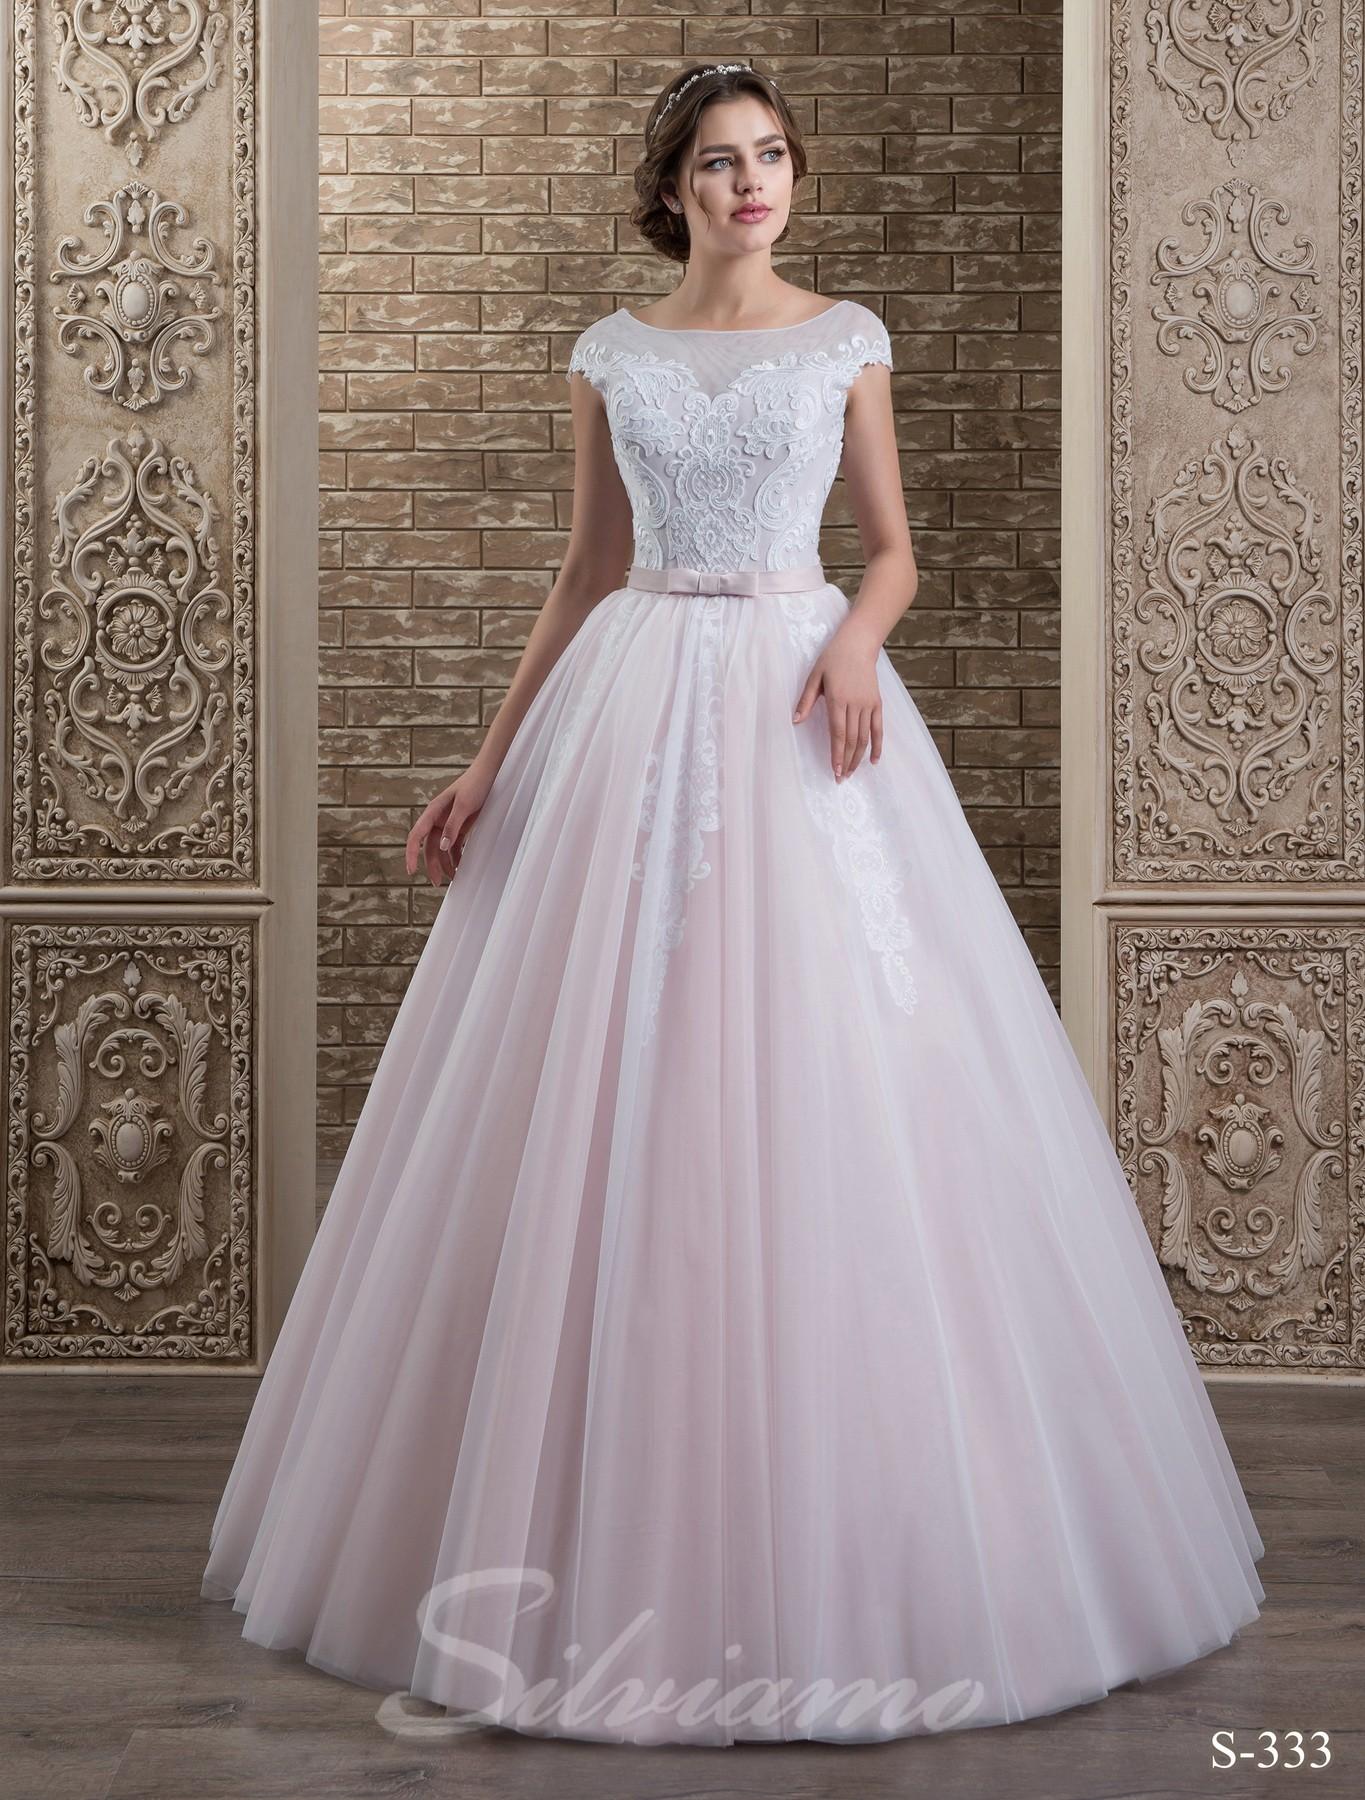 c789dad7a5071f Весільні сукні з пишною спідницею: кому підуть?